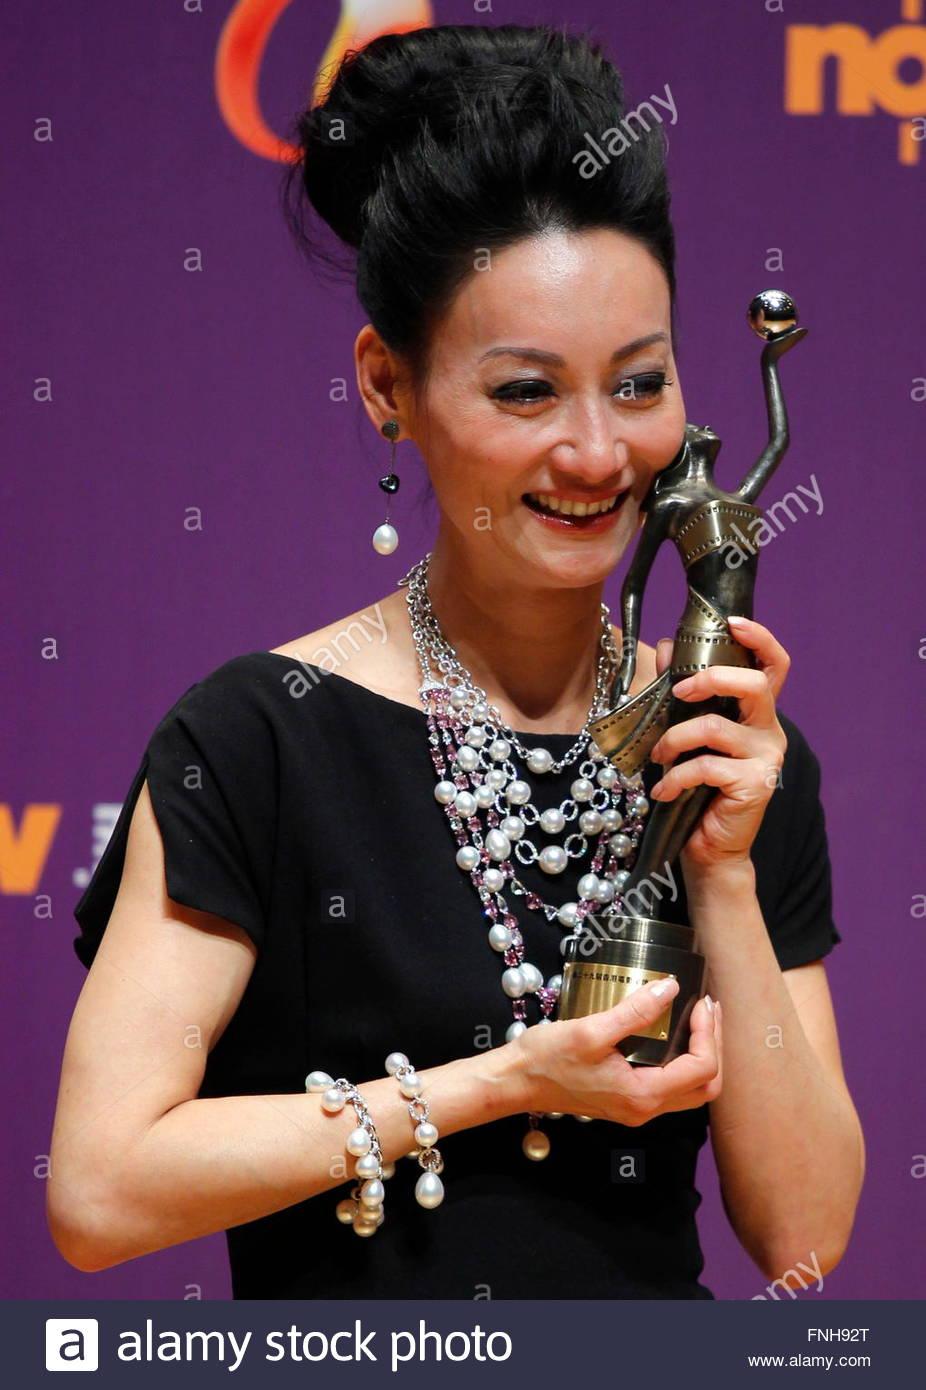 actress hung